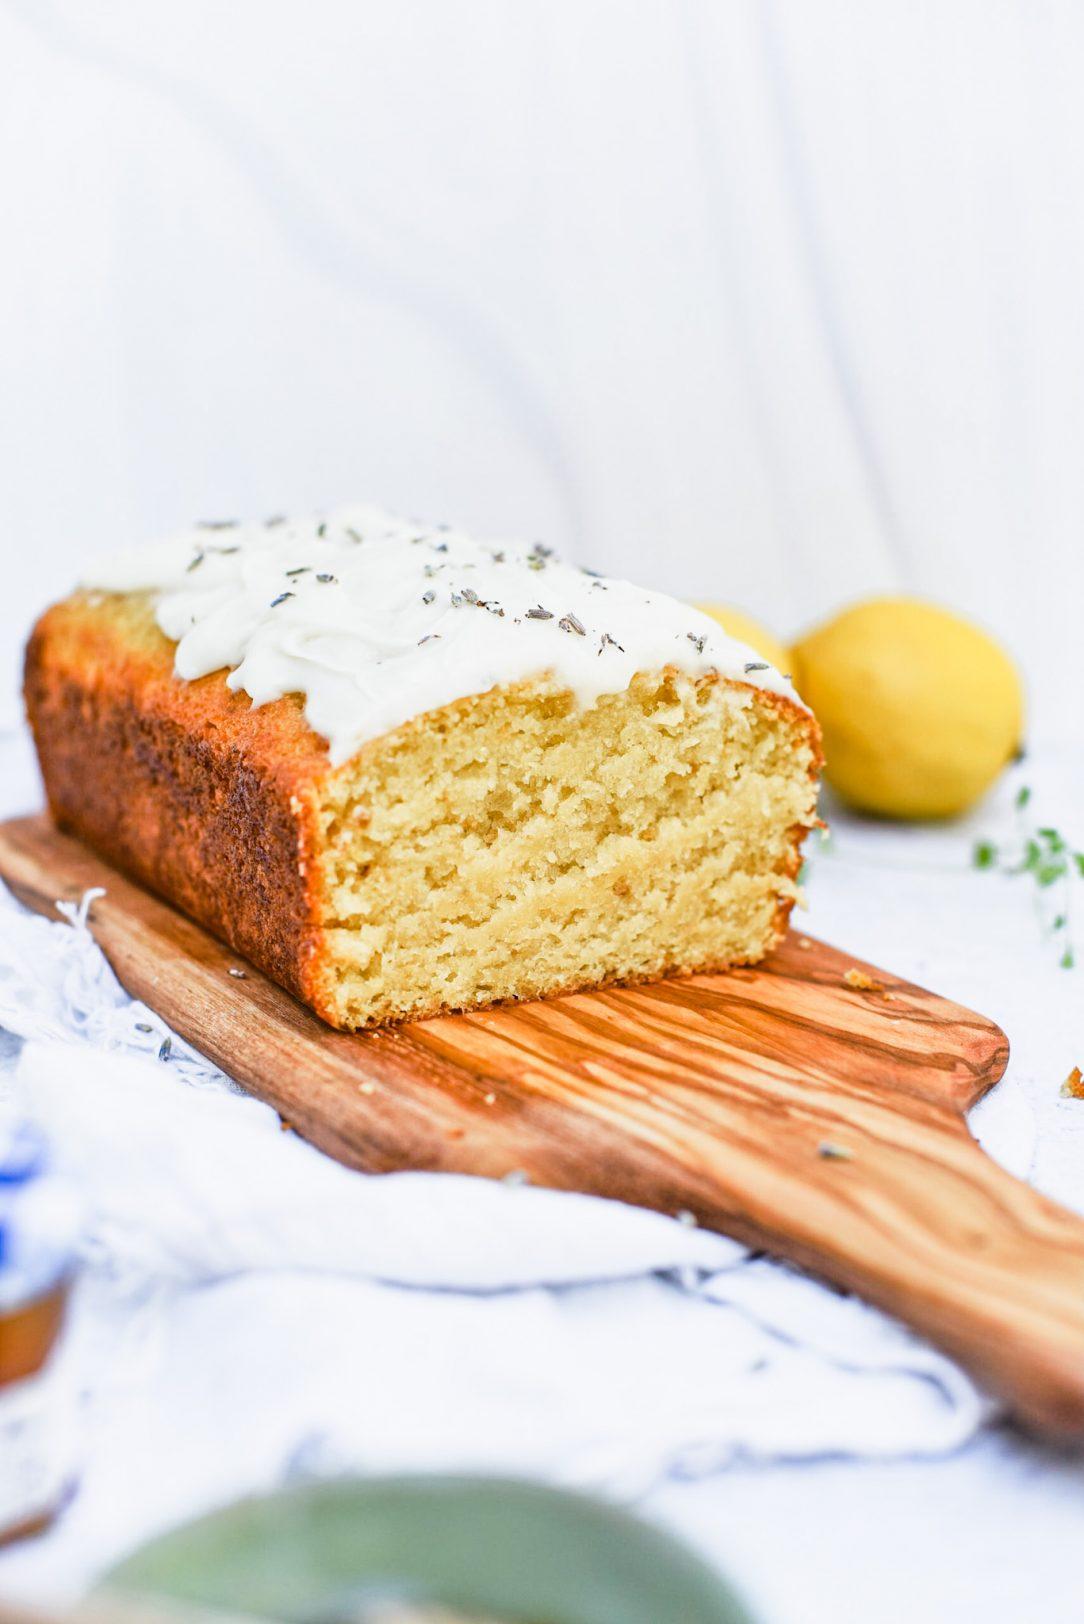 Sliced Lavender Honey Soaked Lemon Cake on a serving platter